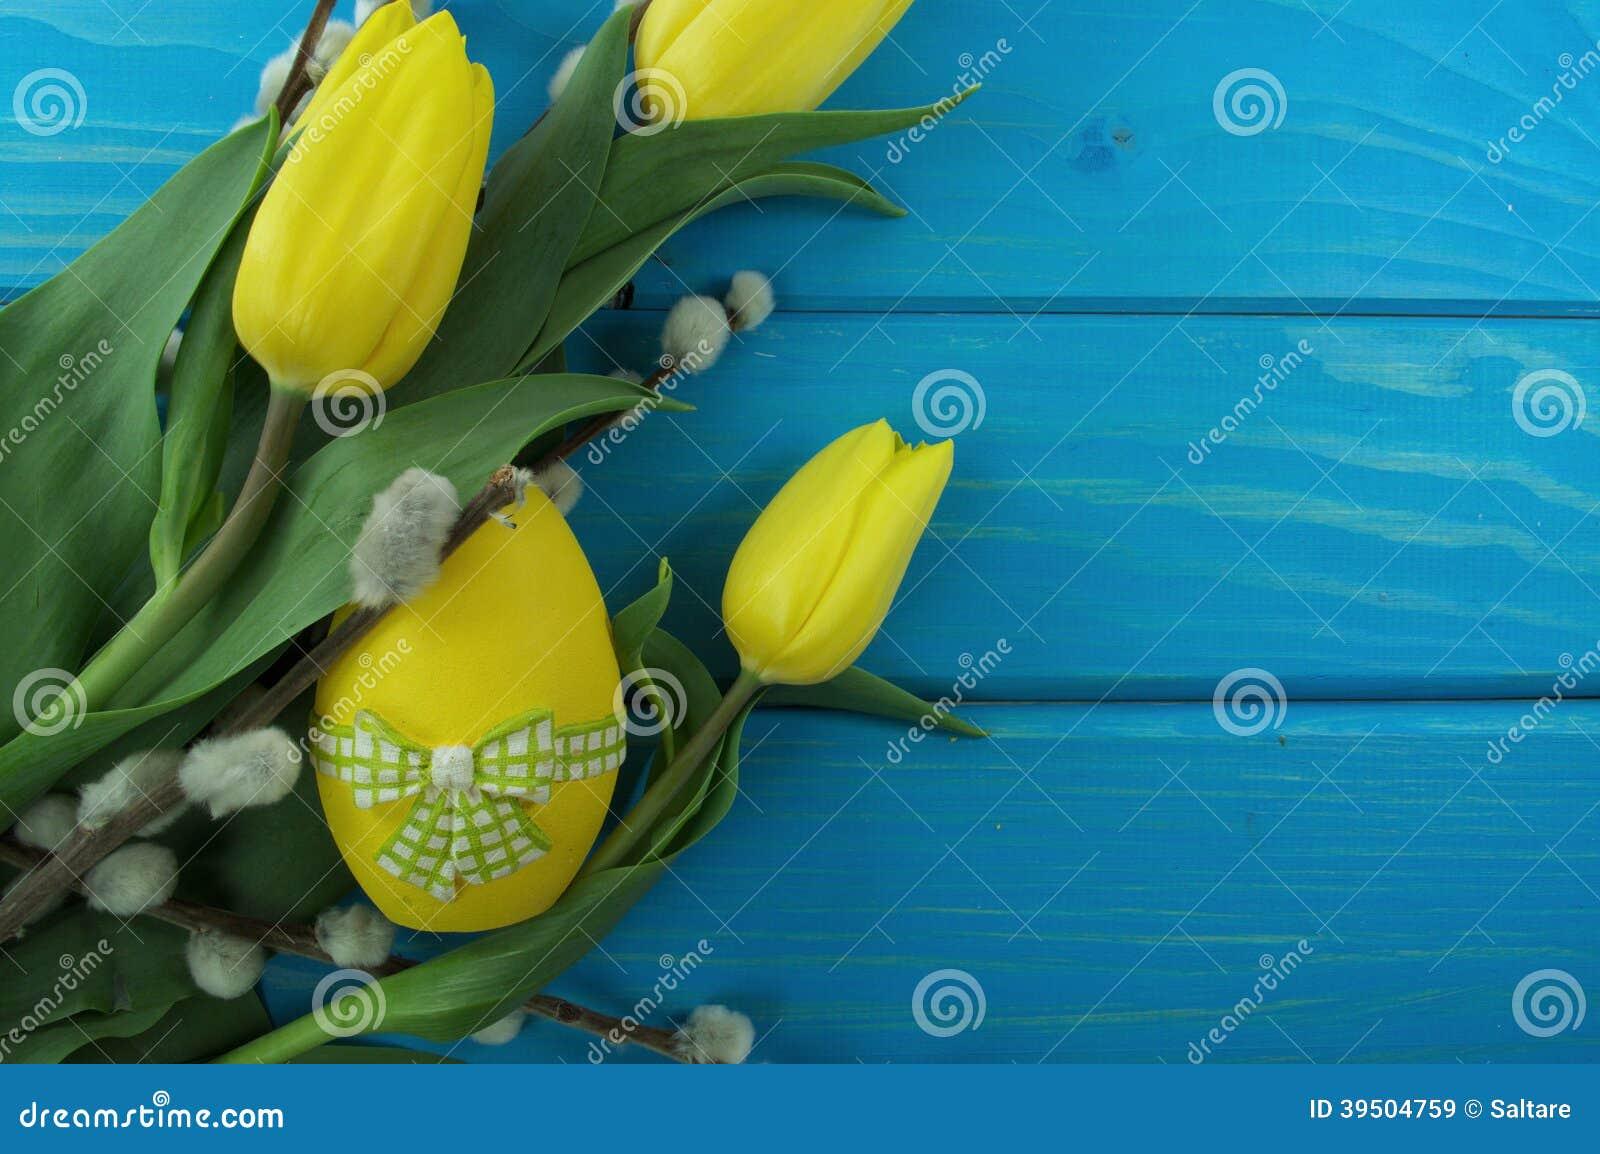 Yellow tulips and egg